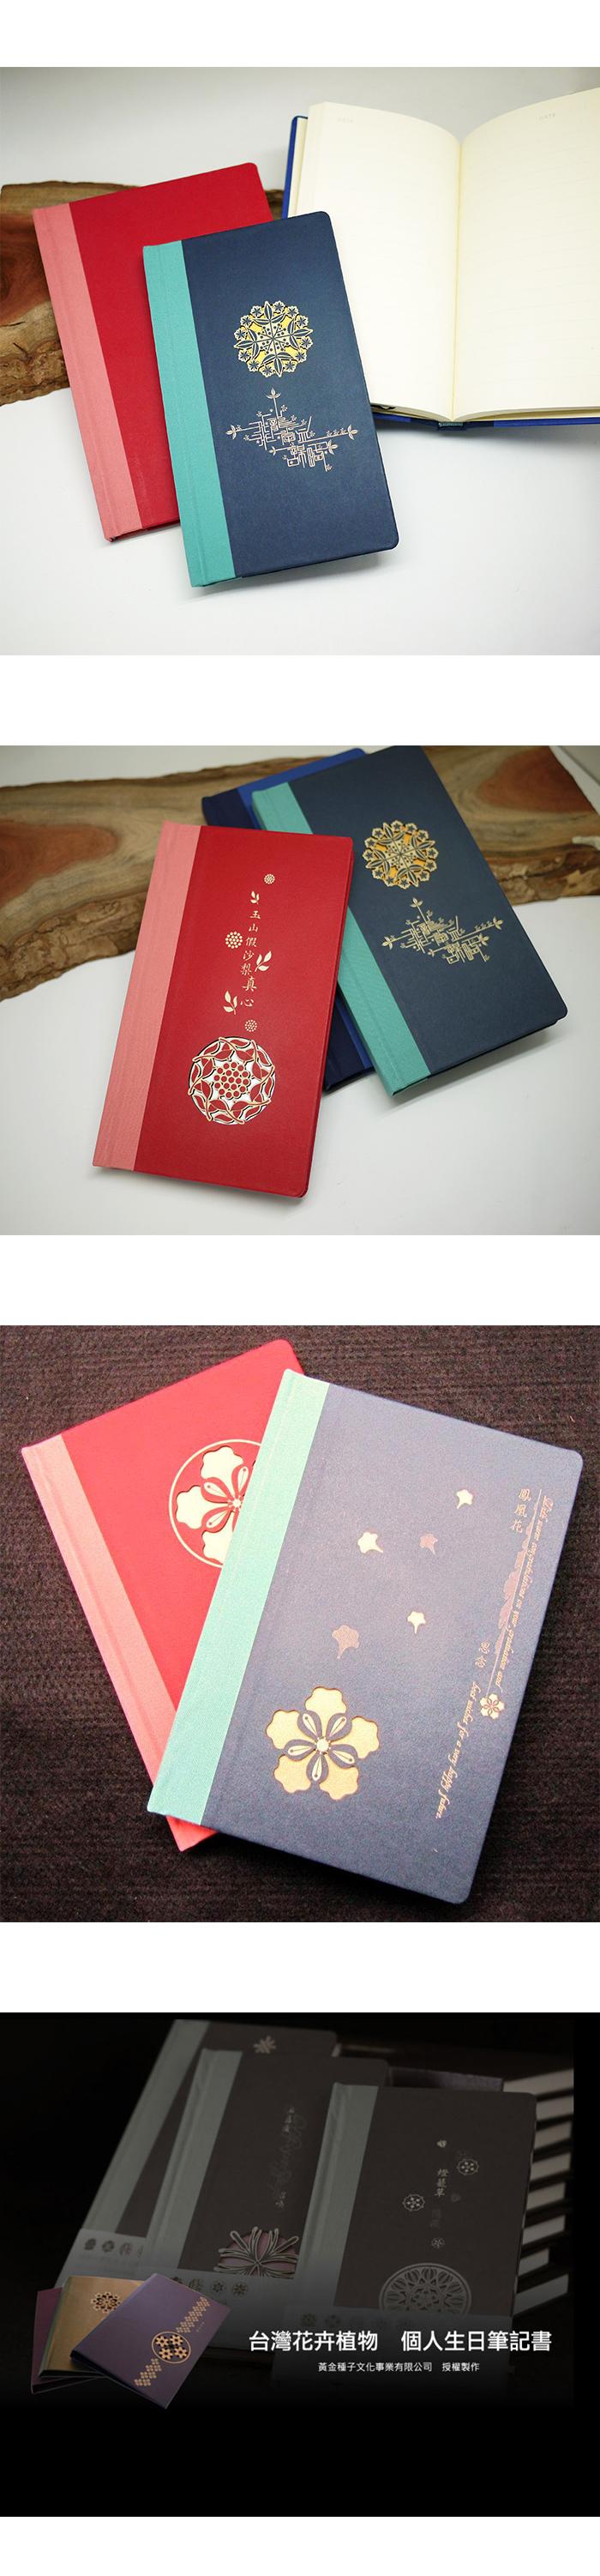 攸 UBook 可客製化 生日花禮物書 百代藍/灰 雙葉 (價格包含5字內雷雕費用)